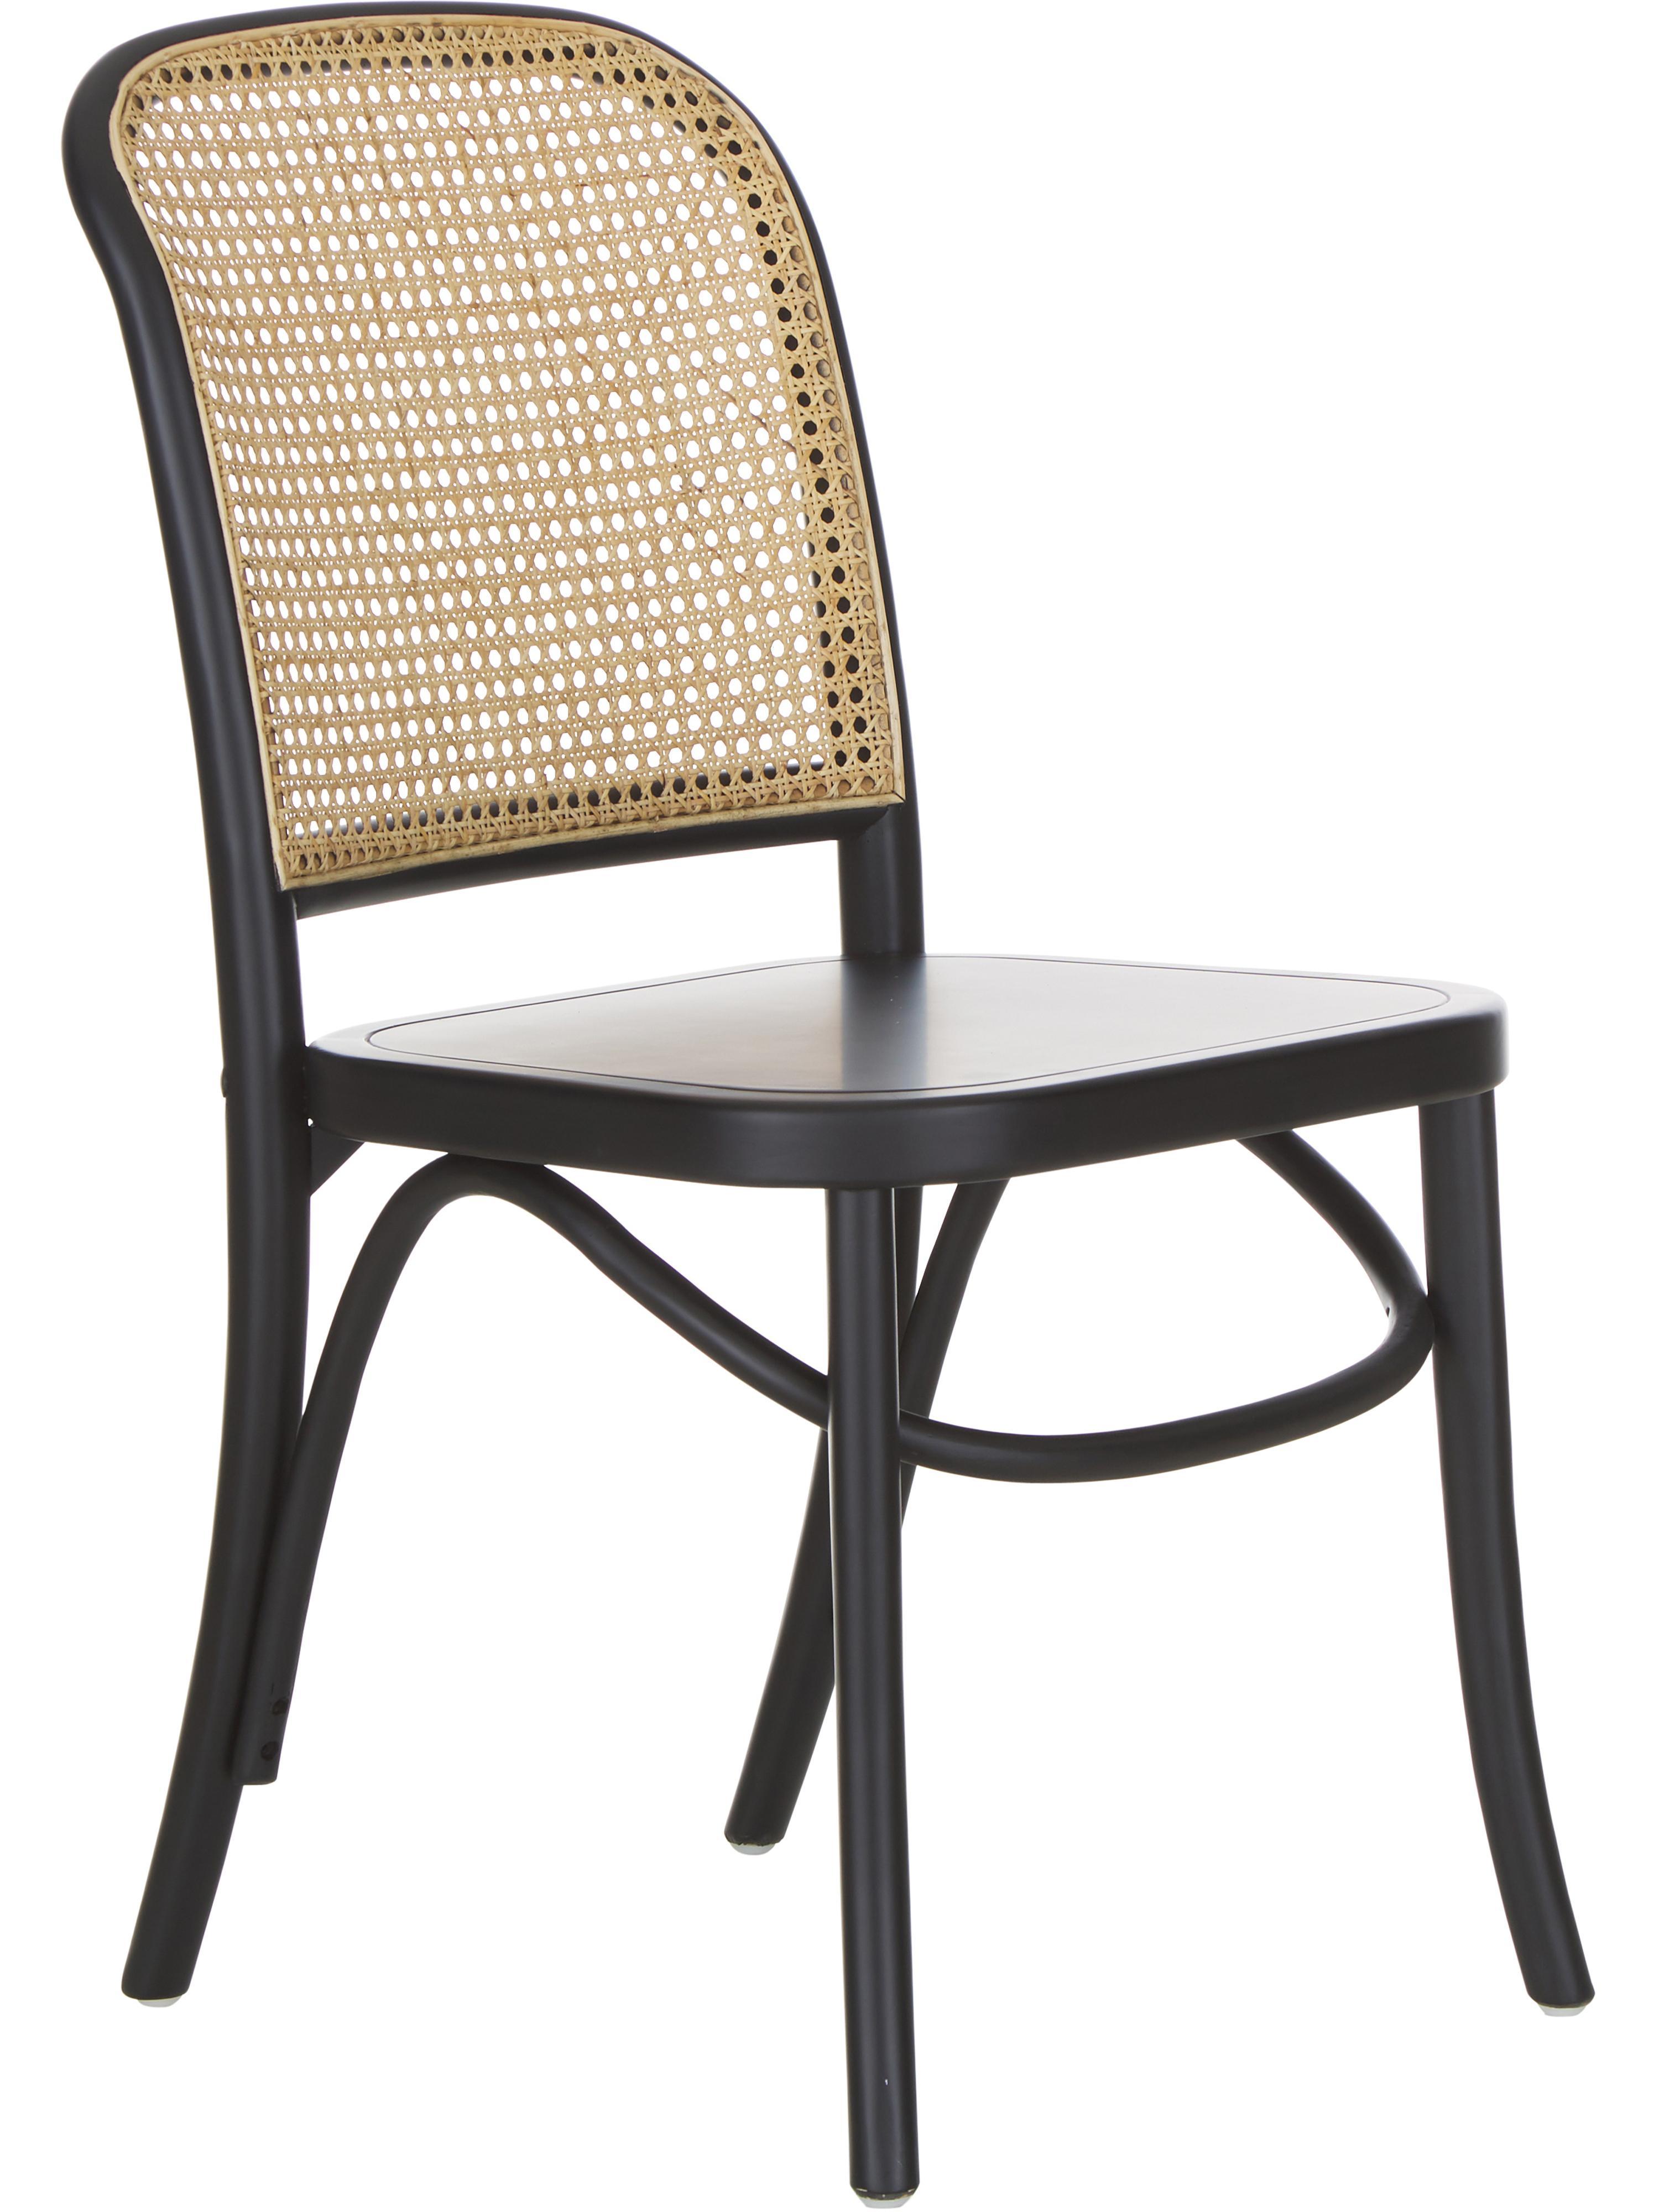 Sedia in legno con intreccio viennese Franz, Seduta: compensato verniciato, Struttura: legno di betulla massicci, Nero, Larg. 48 x Prof. 59 cm